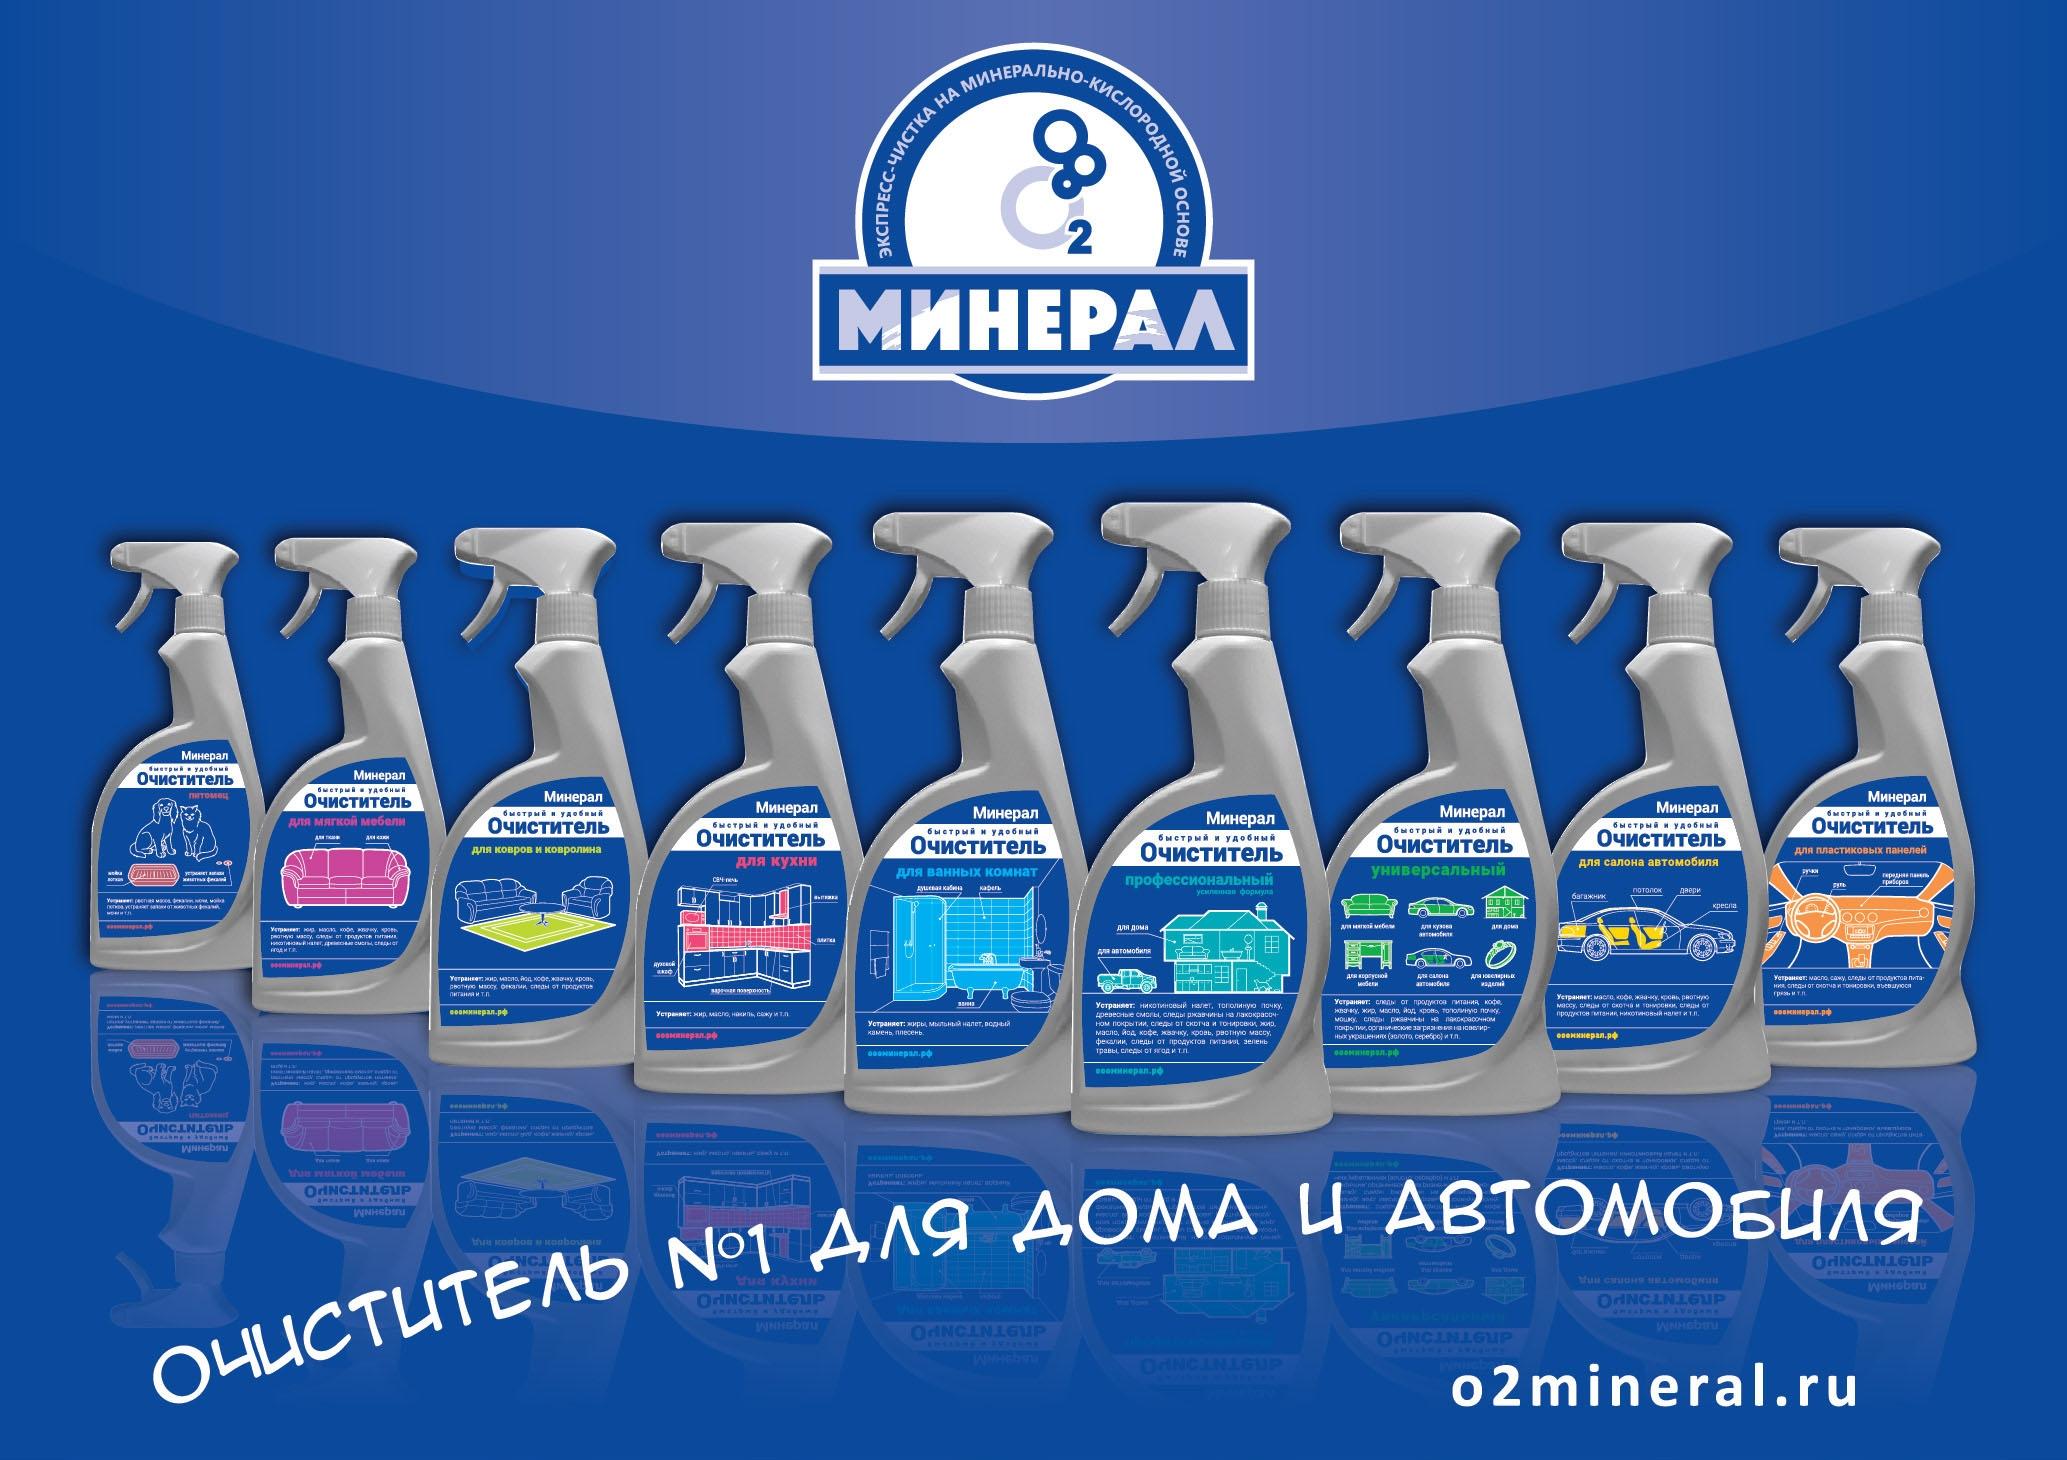 Сбор заказов. Уникальные очистители Минерал. Ваш дом и автомобиль будут в идеальной чистоте. Выкуп- 3.